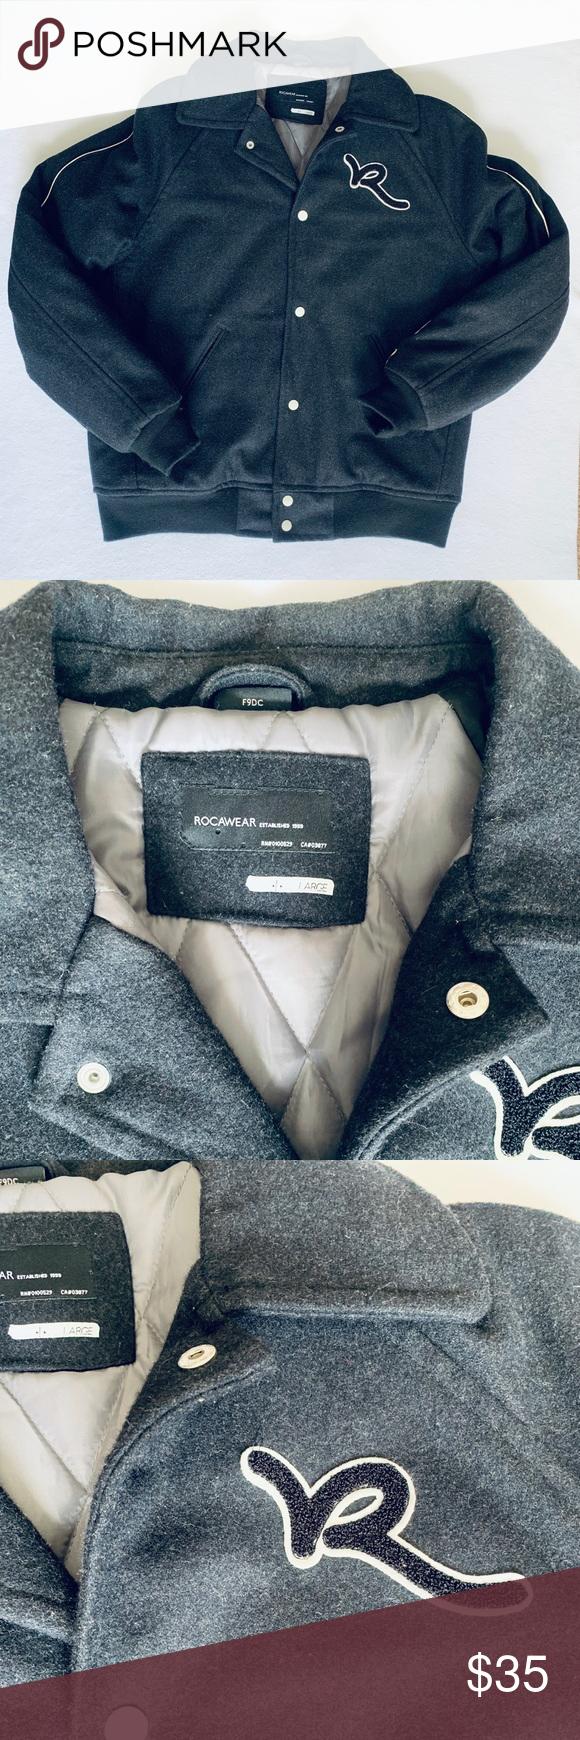 Men S Wocawear Jacket Coat Coats Jackets Jackets Mens Coats [ 1740 x 580 Pixel ]